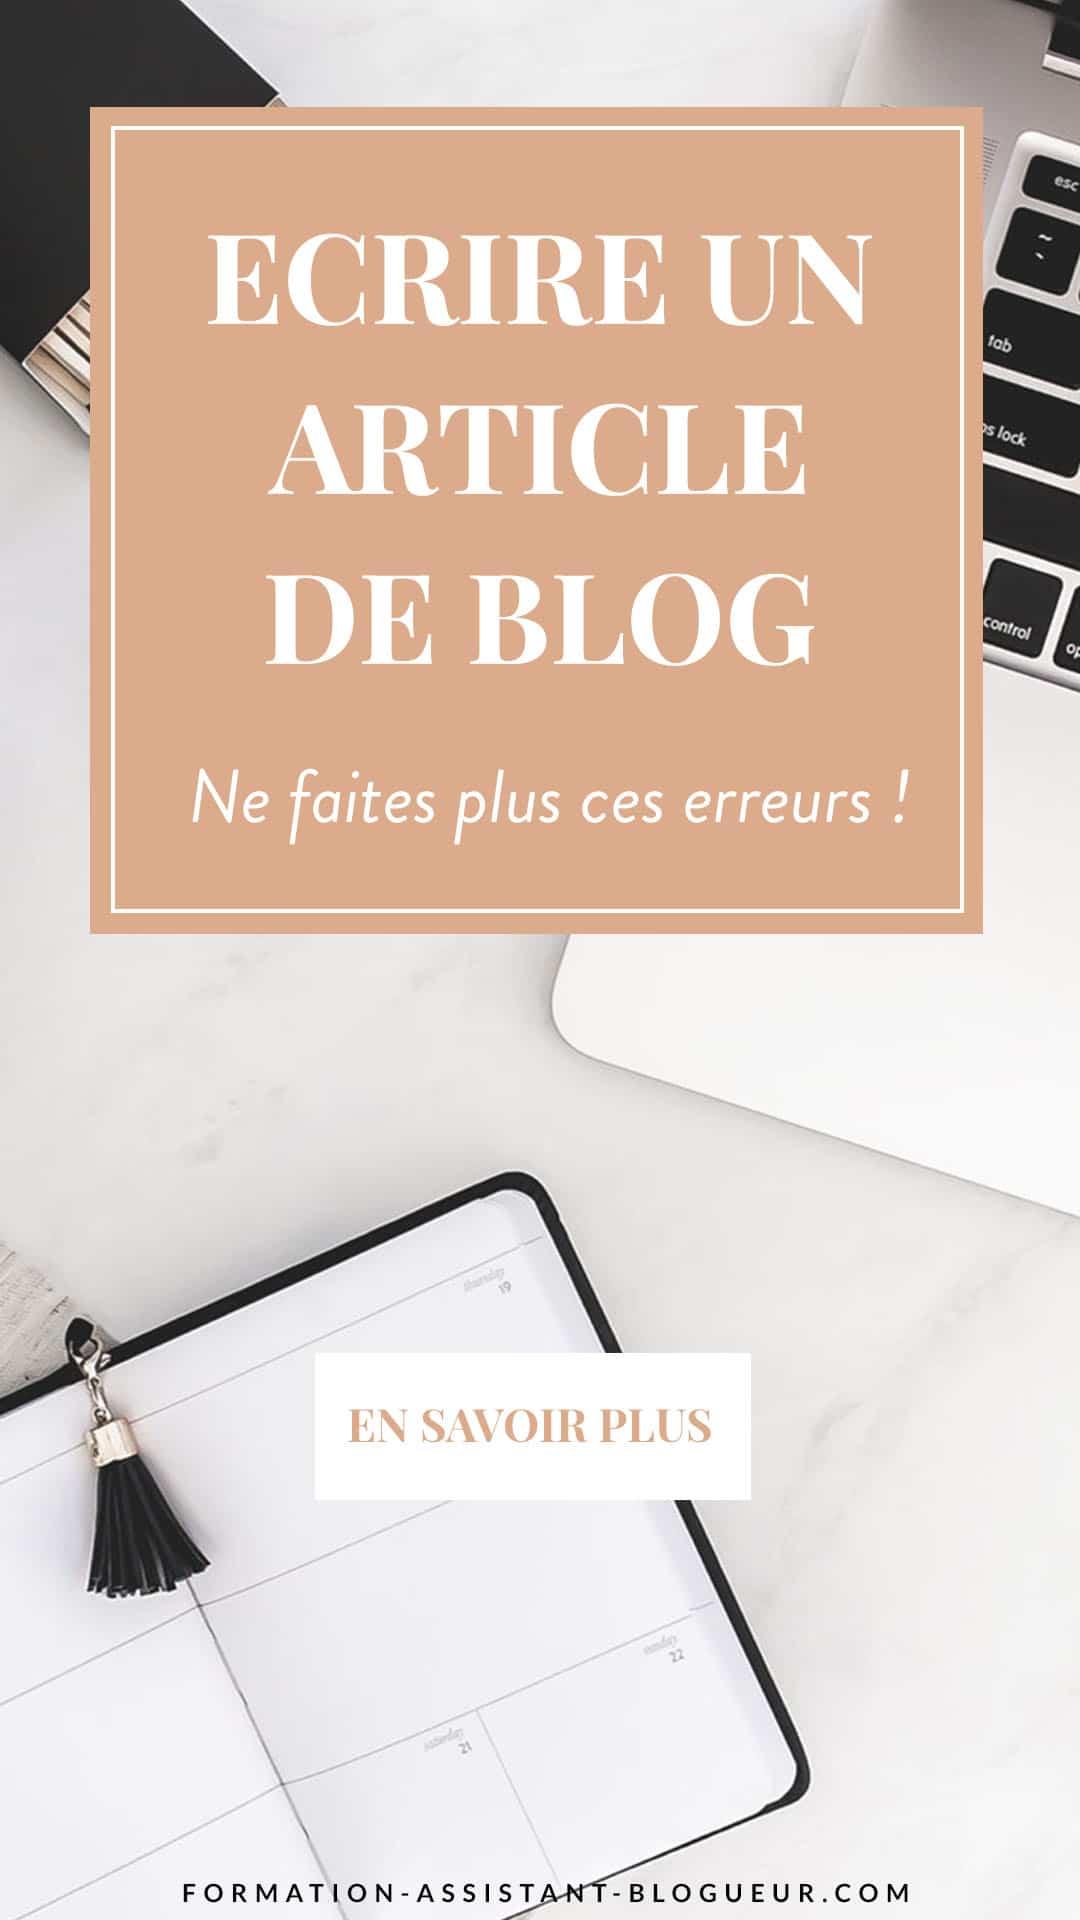 Ecrire un article de blog sans faire d'erreur